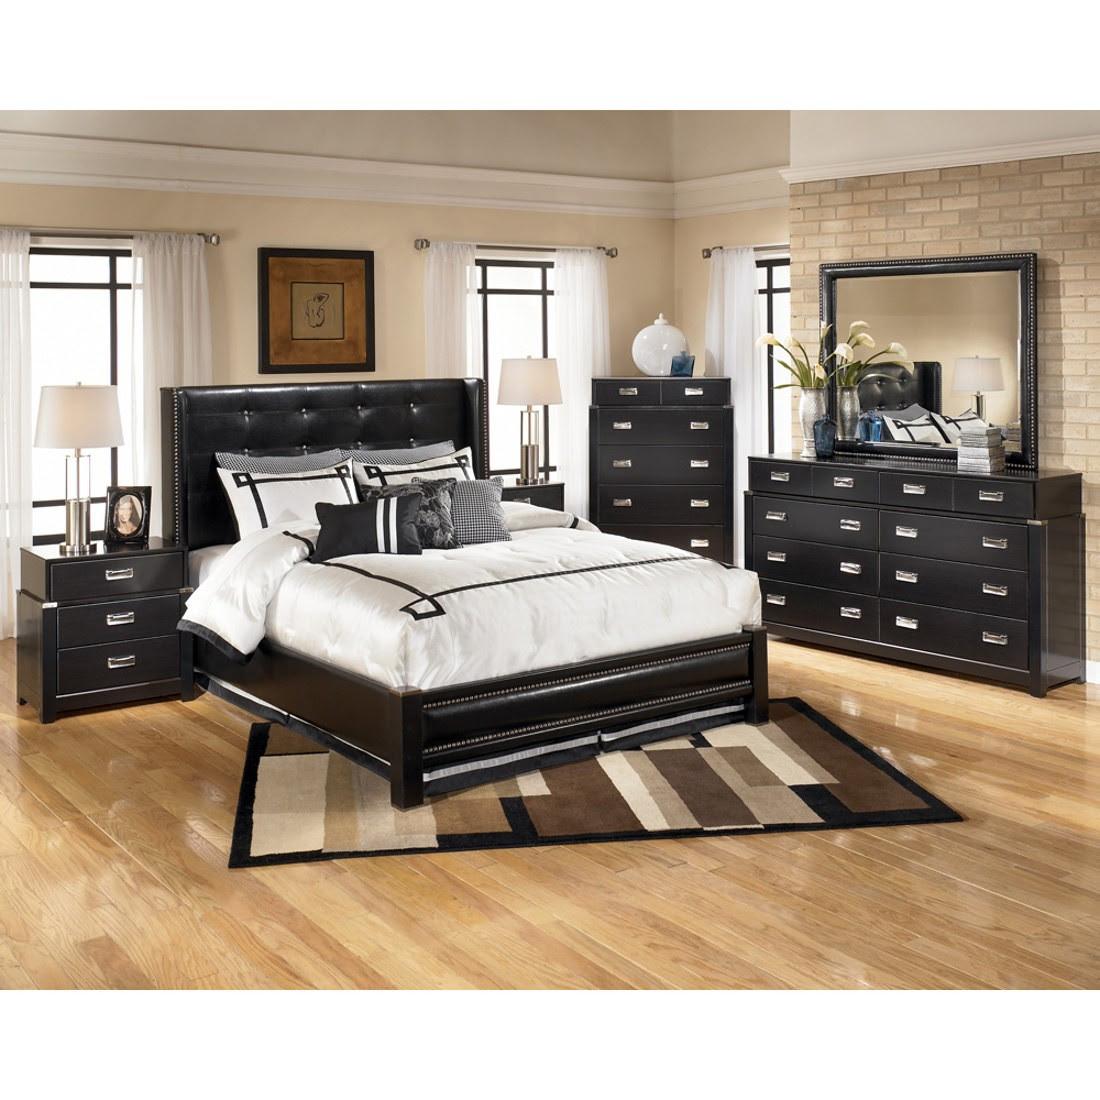 Diana Platform Bedroom Set in Deep Espresso